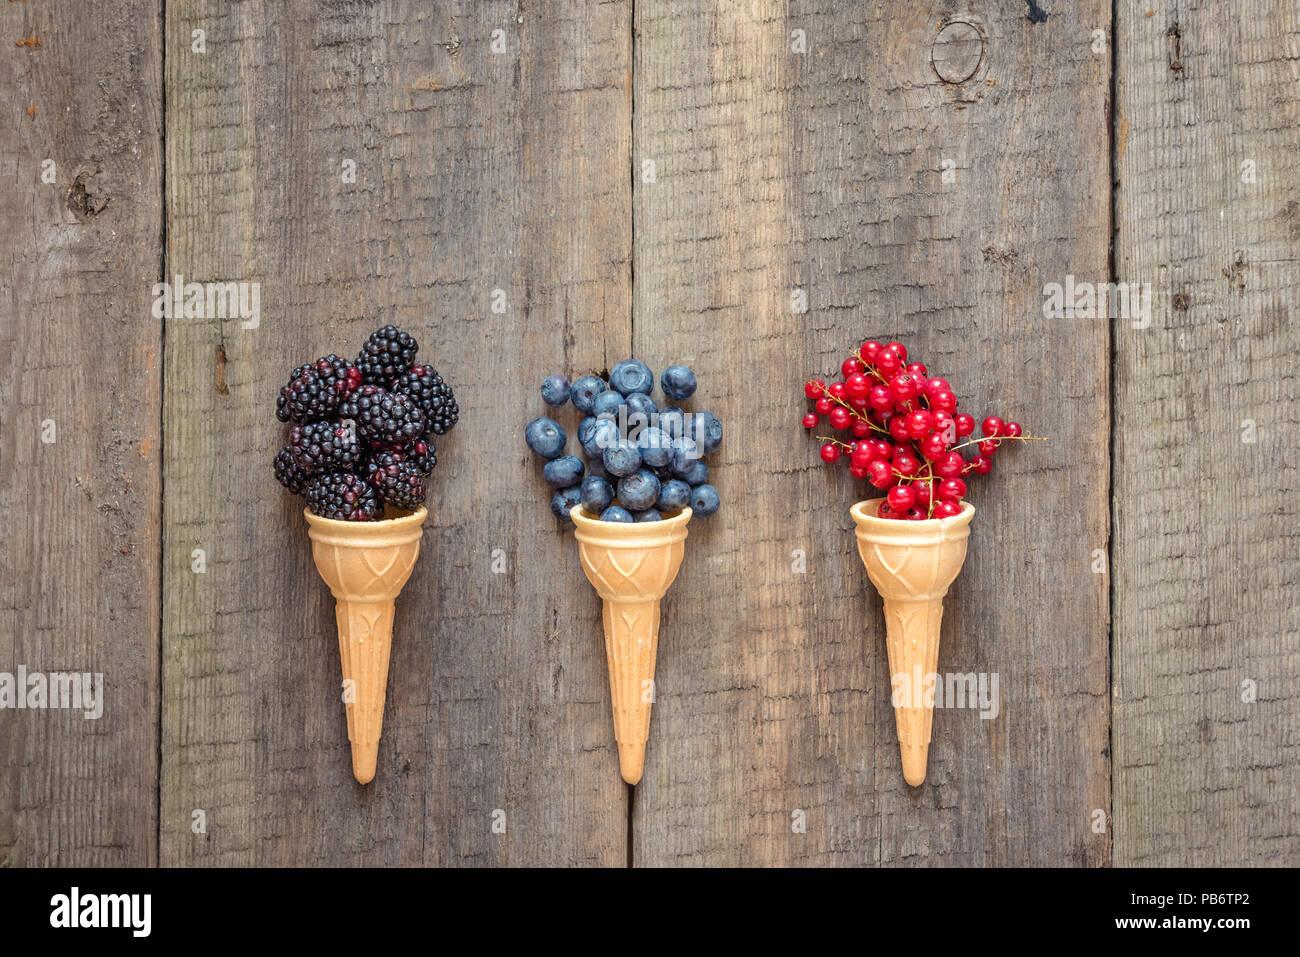 Frisches Obst und Beeren in Eistüten. Gesund Sommer essen Konzept. Ansicht von Oben mit Platz für Text. Stockbild